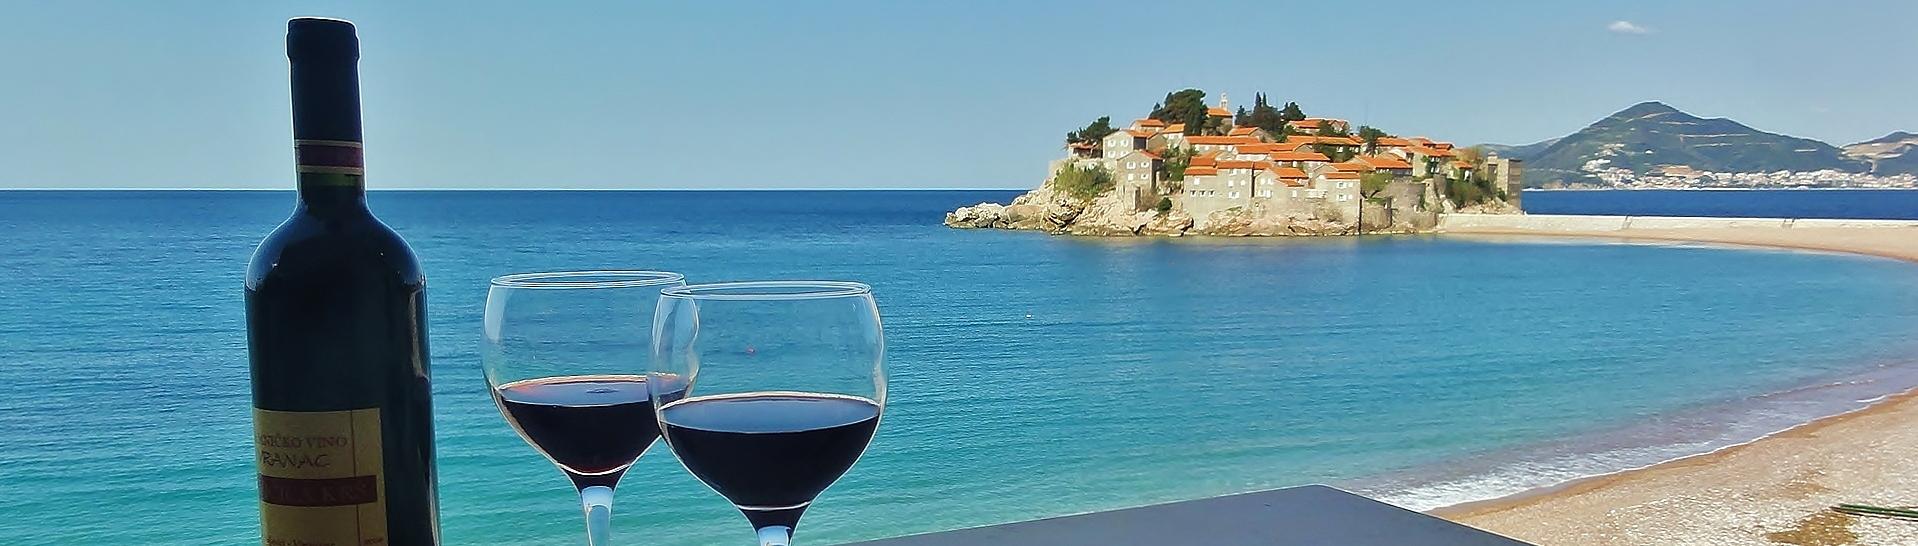 Sveti Stefan wine and beach view - Montenegro_2_1920x552